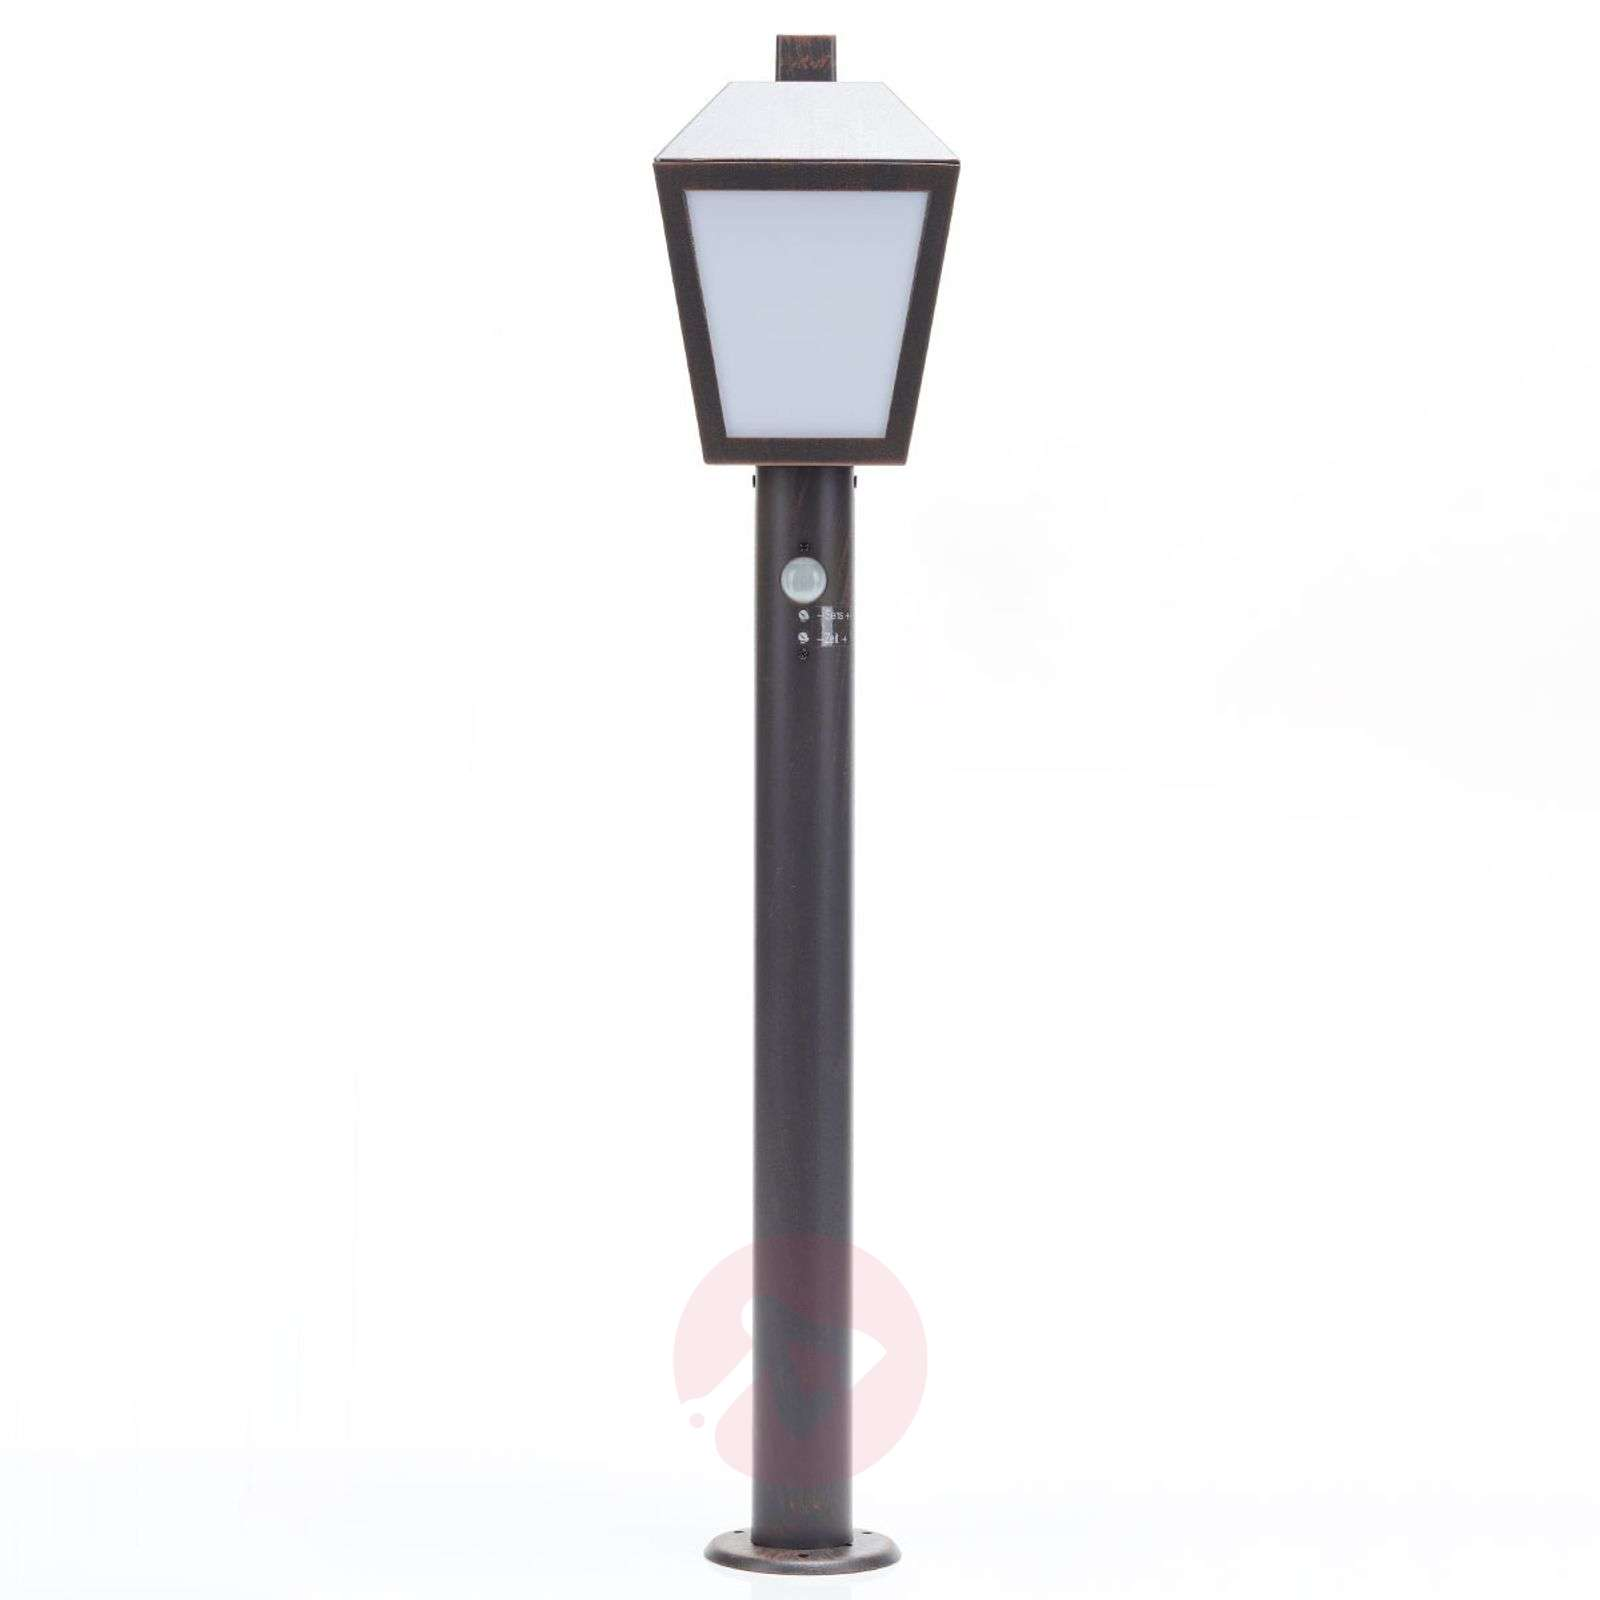 LED-pylväsvalaisin Bendix, liikkeentunnistin-9945307-01